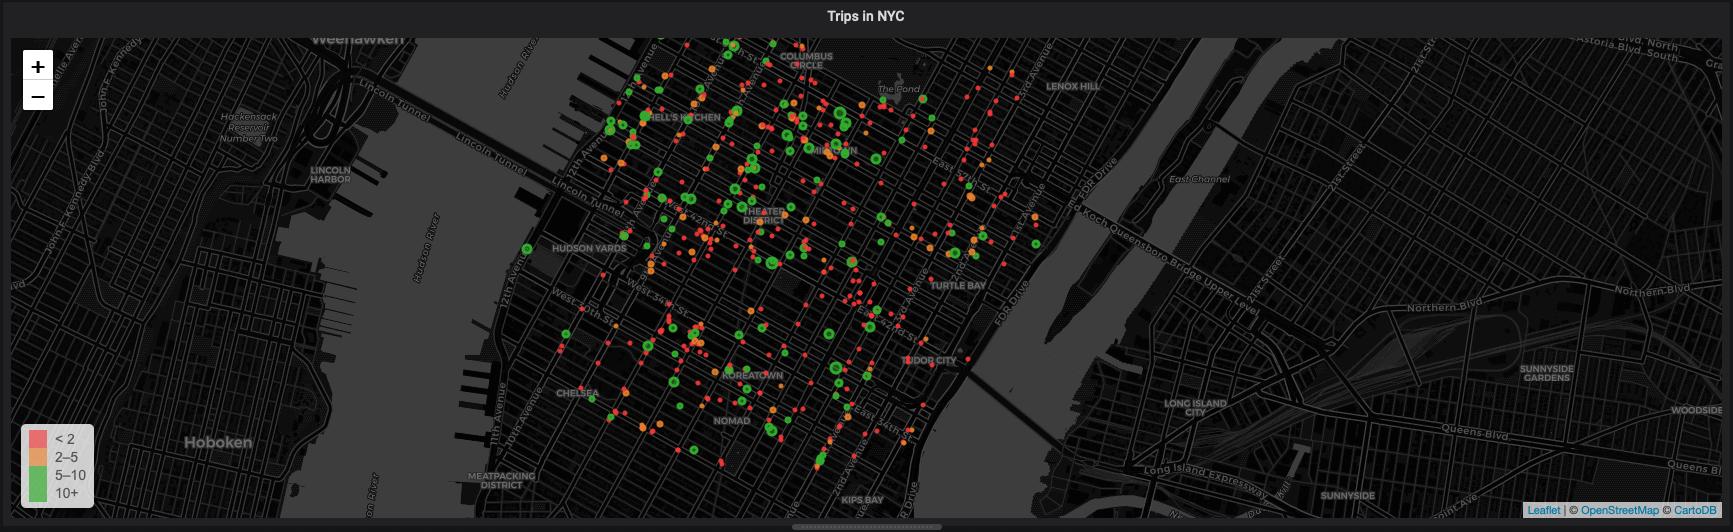 Visualizing time series data in PostgreSQL using the Grafana Worldmap